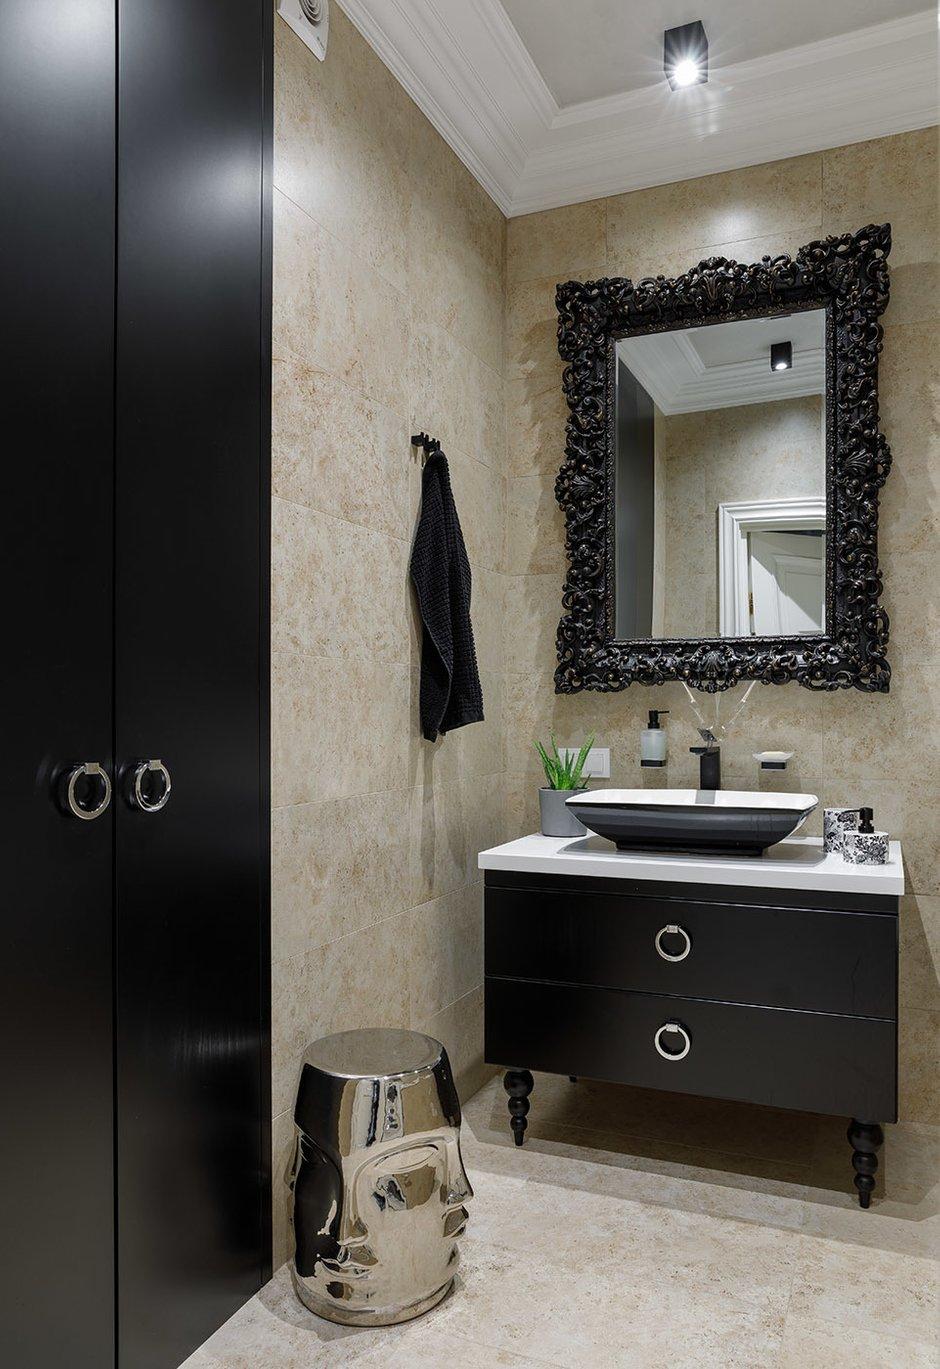 Фотография: Ванная в стиле Классический, Современный, Квартира, Проект недели, Санкт-Петербург, 3 комнаты, Более 90 метров, Кирилл Пономаренко – фото на INMYROOM